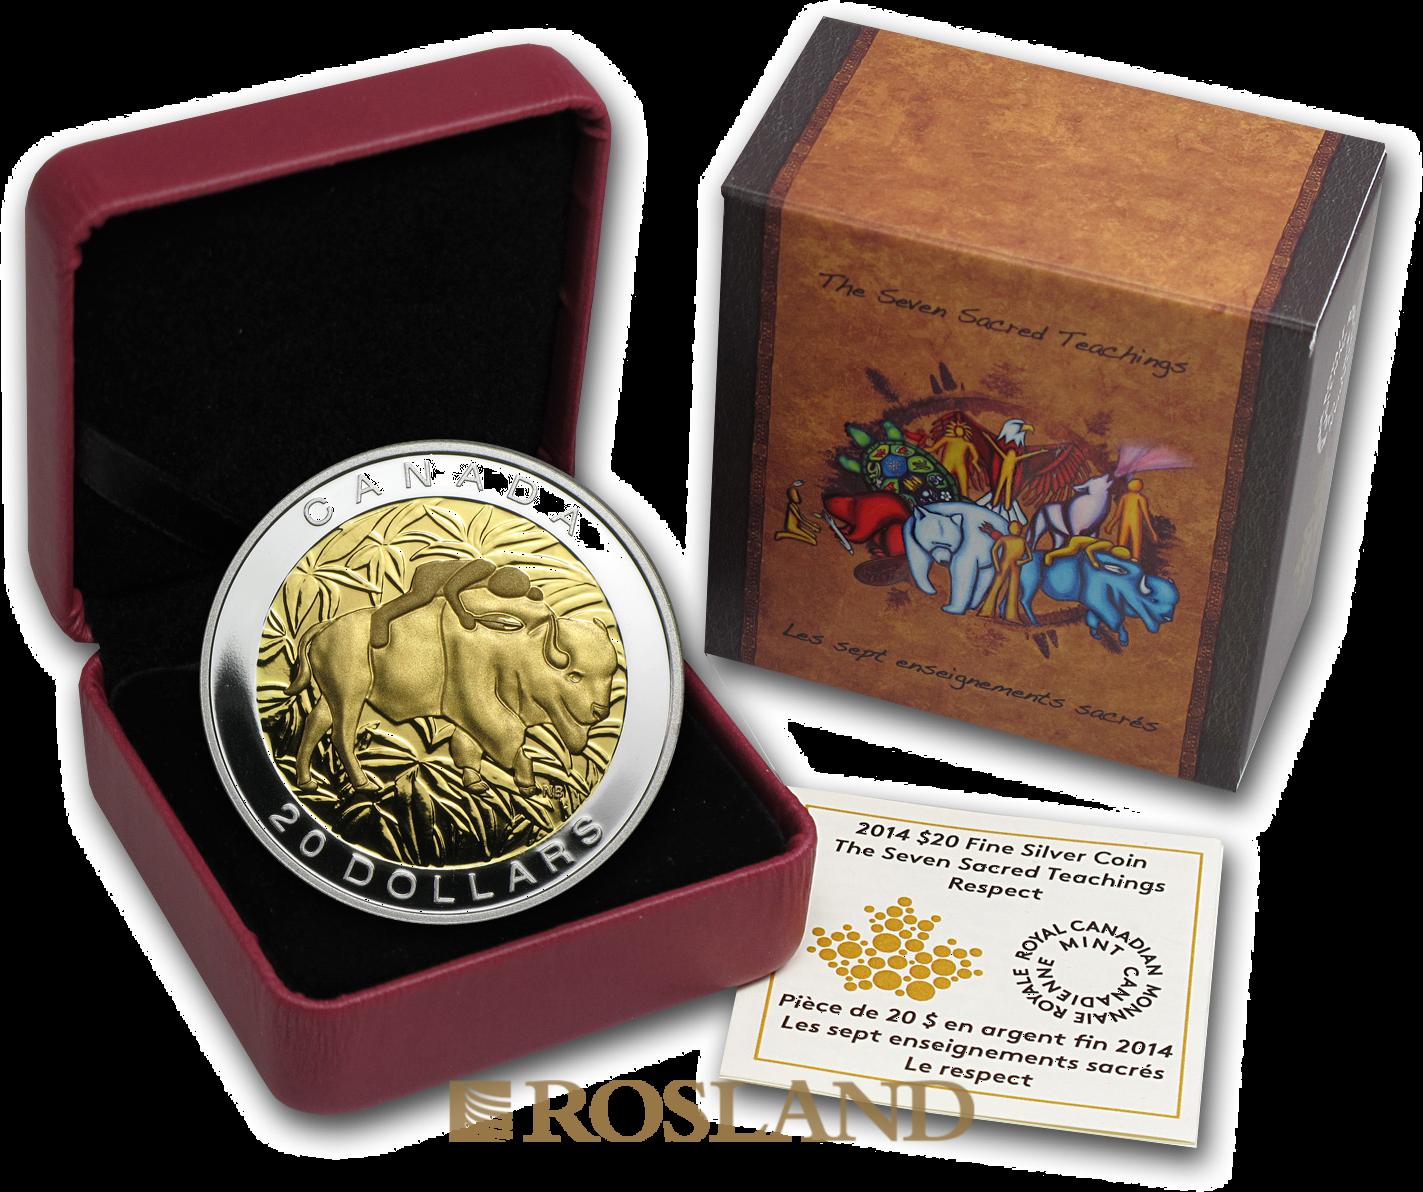 1 Unze Silbermünze The Seven Sacred Teachings Respect 2014 PP (Box, Zertifikat)